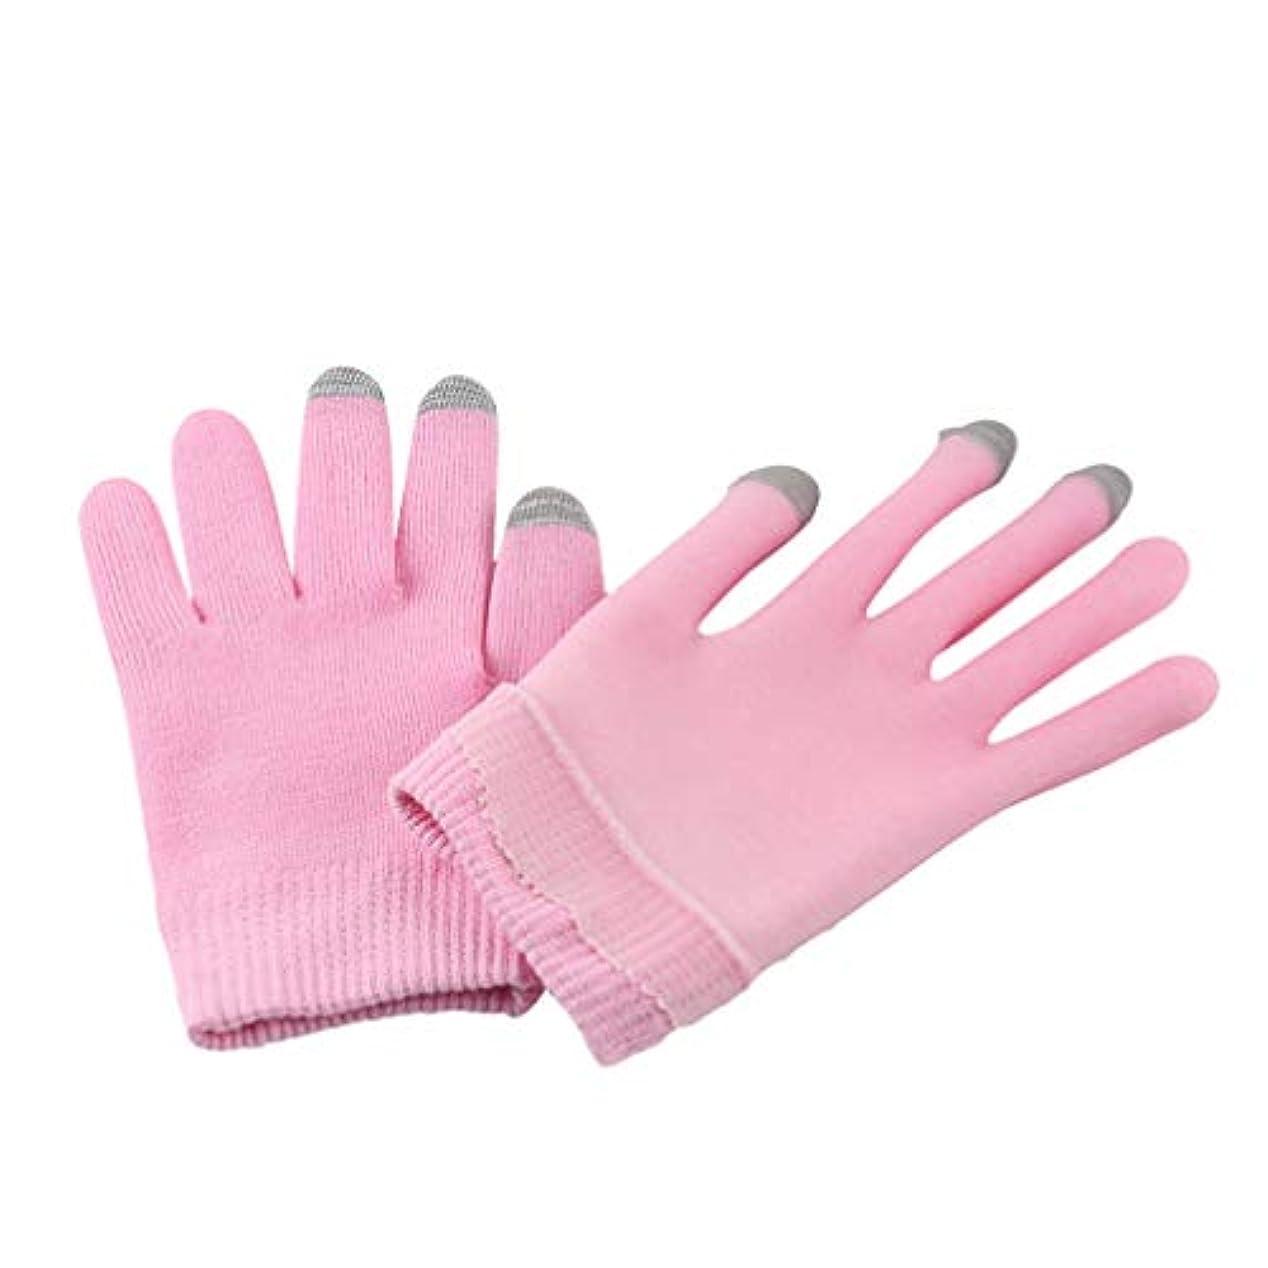 暗黙鑑定甘くするSUPVOX 冬のニット手袋タッチスクリーン手袋屋外サイクリング運転用の防風サーマルグローブ1ペア